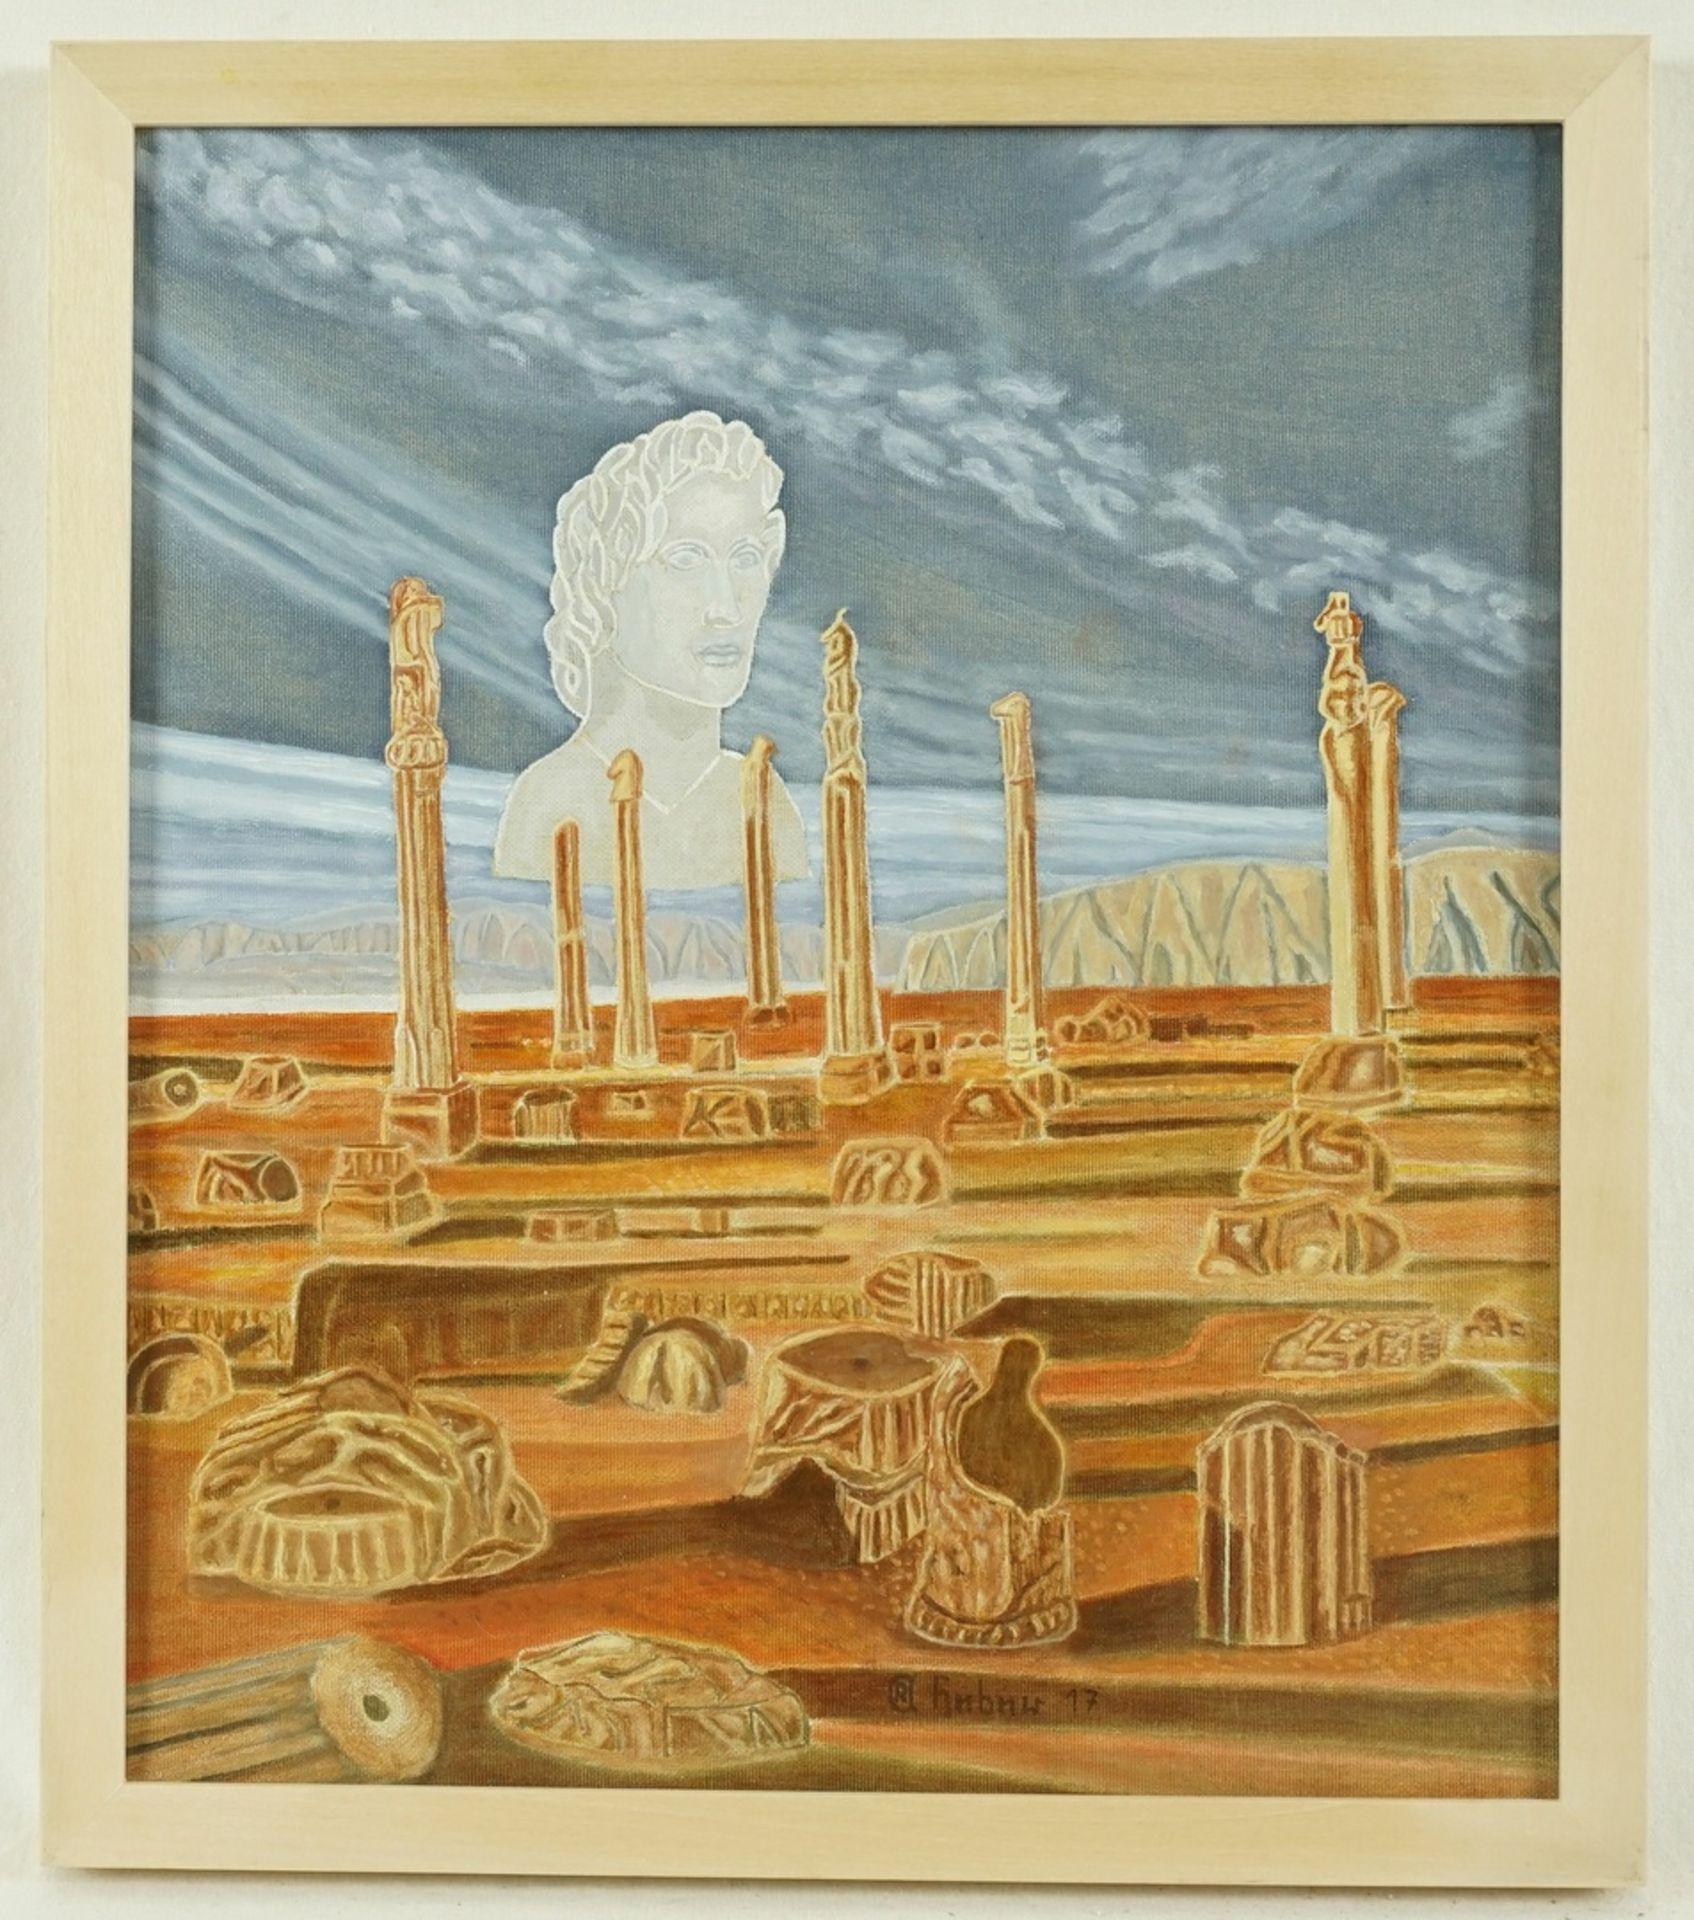 Rudolf-Andreas Heber, Allegorie auf die Vergänglichkeit - Bild 2 aus 4